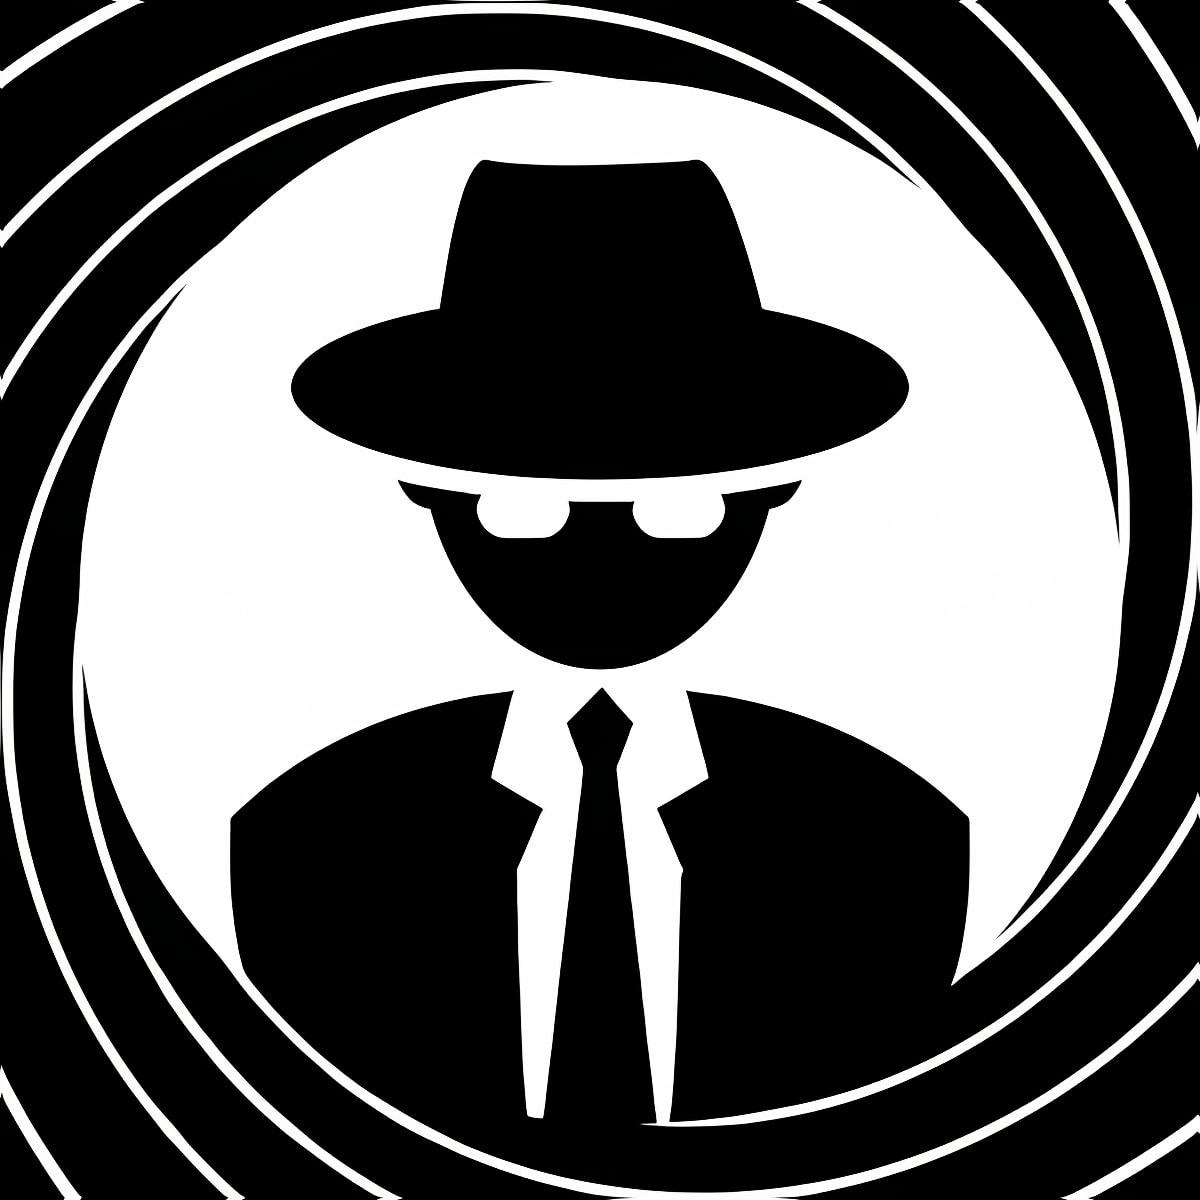 Spyfall 3